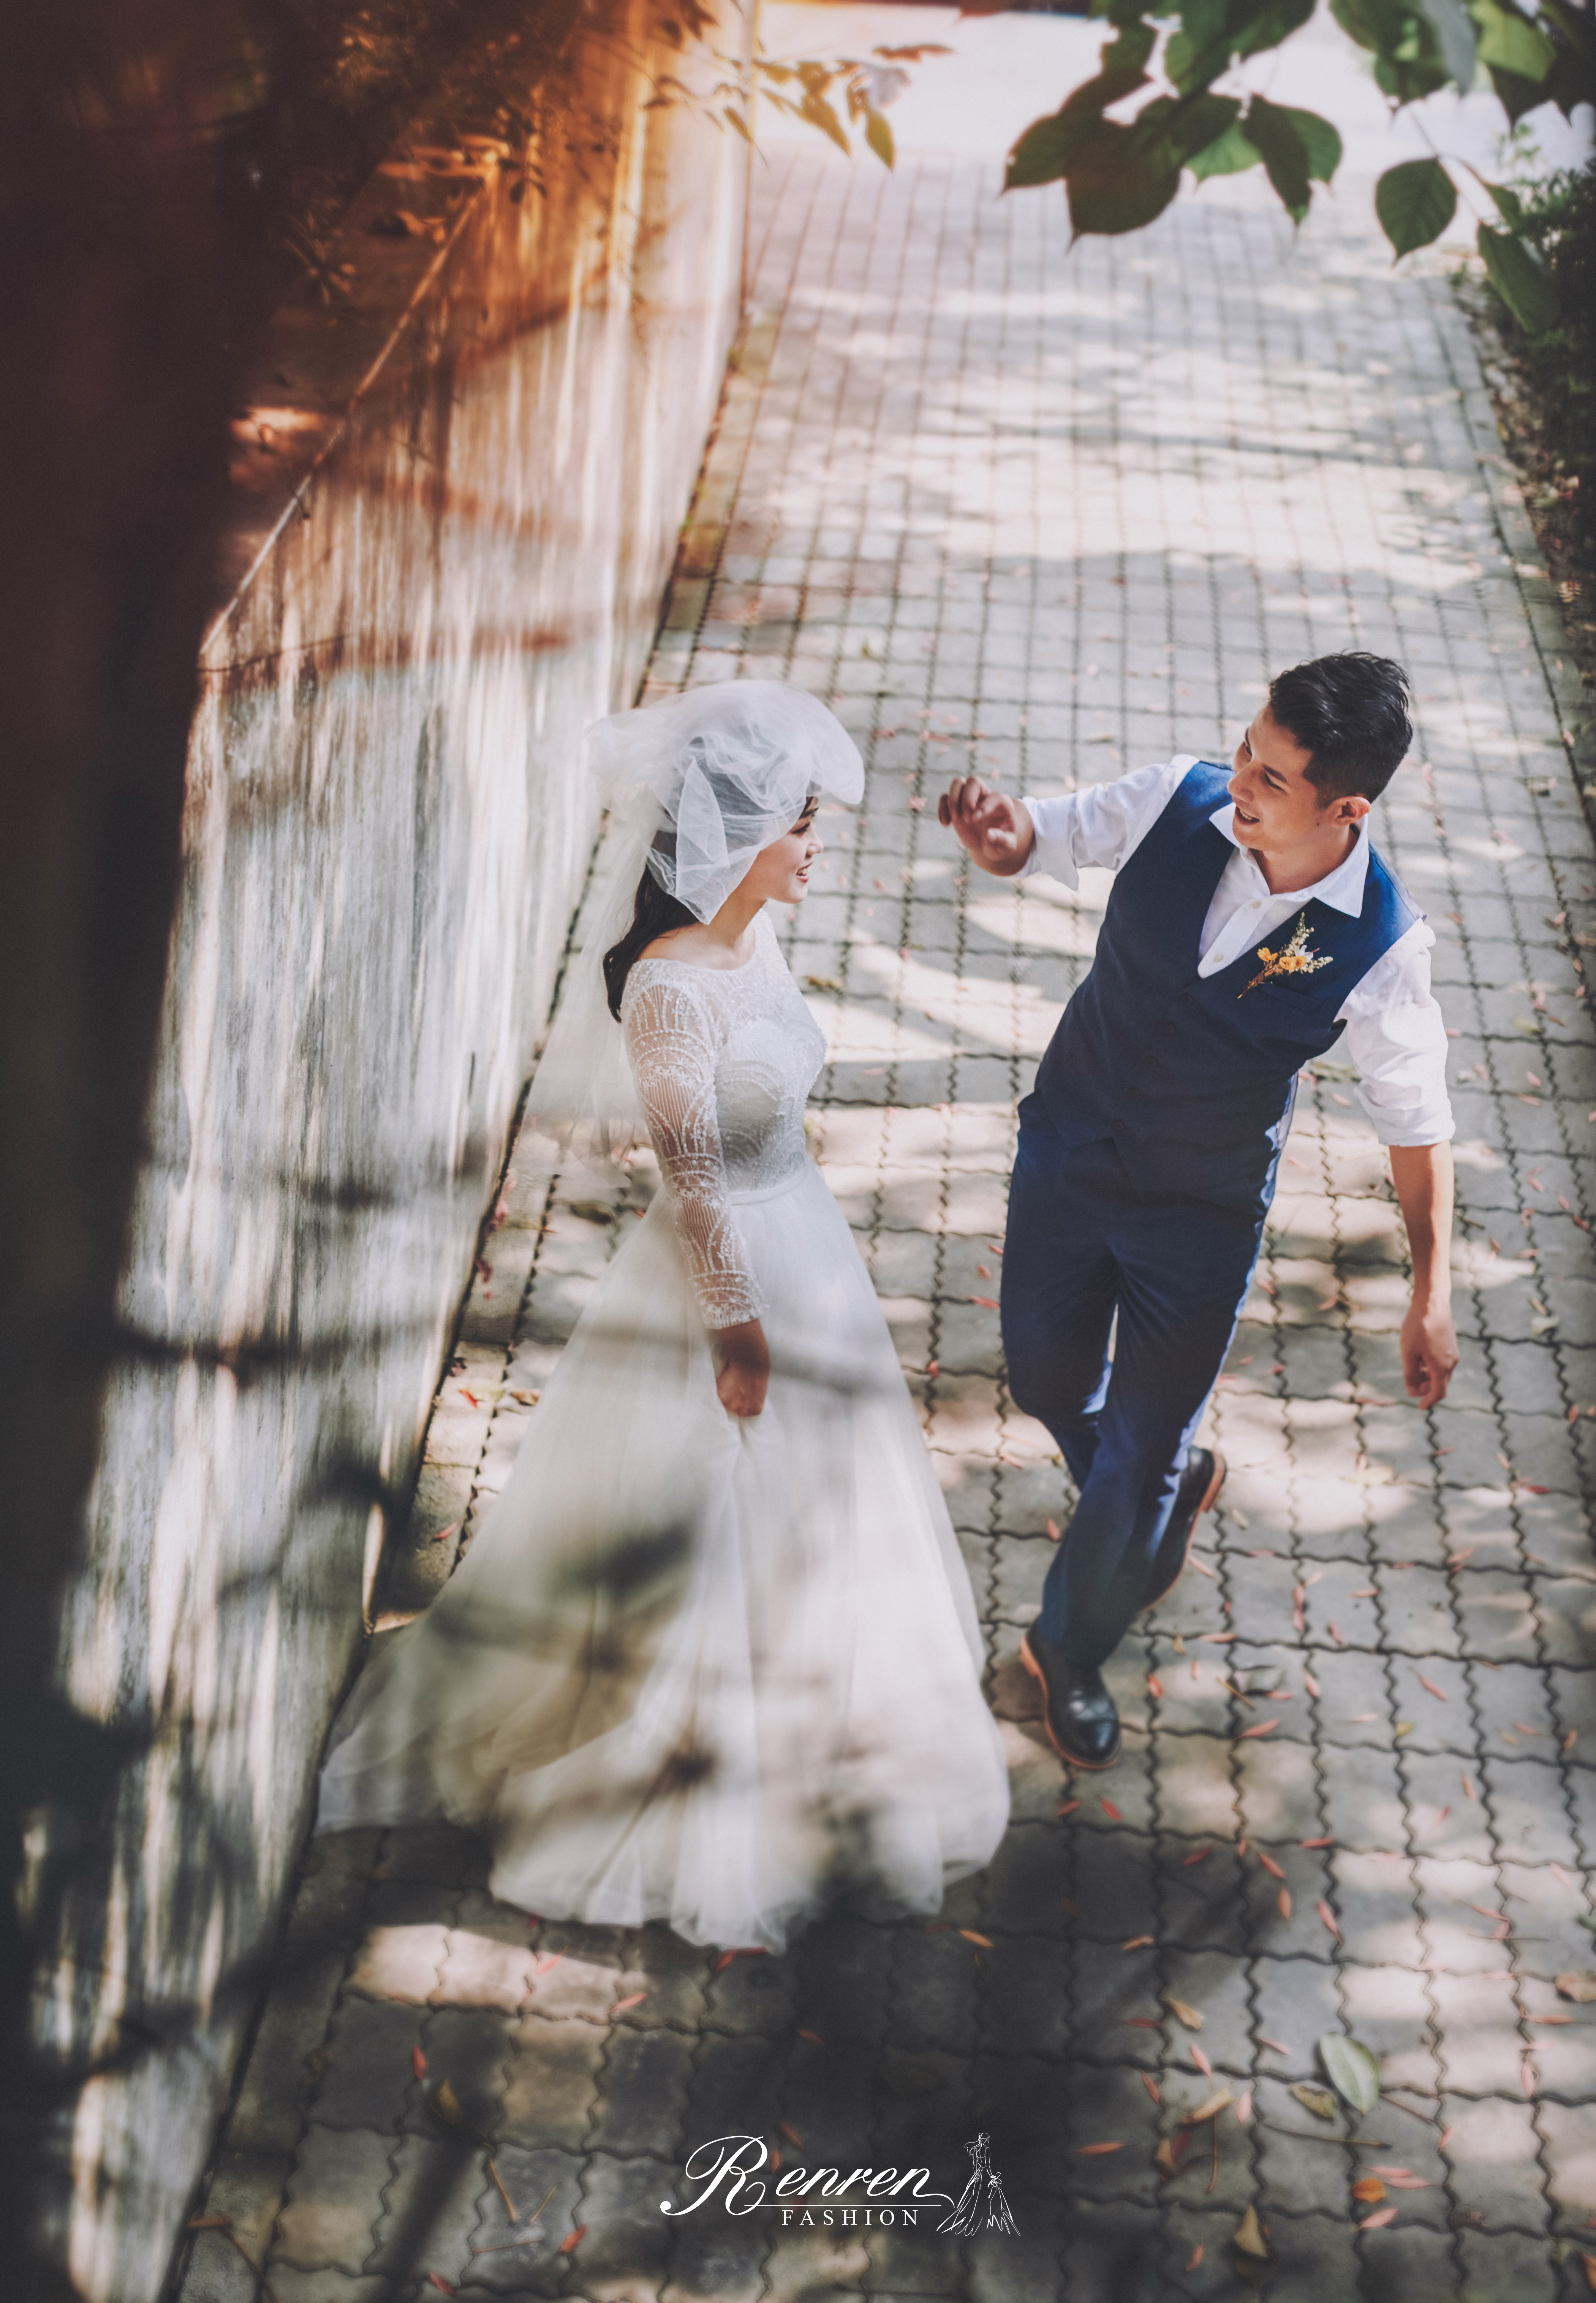 台中婚紗-自然互動-冉冉婚紗